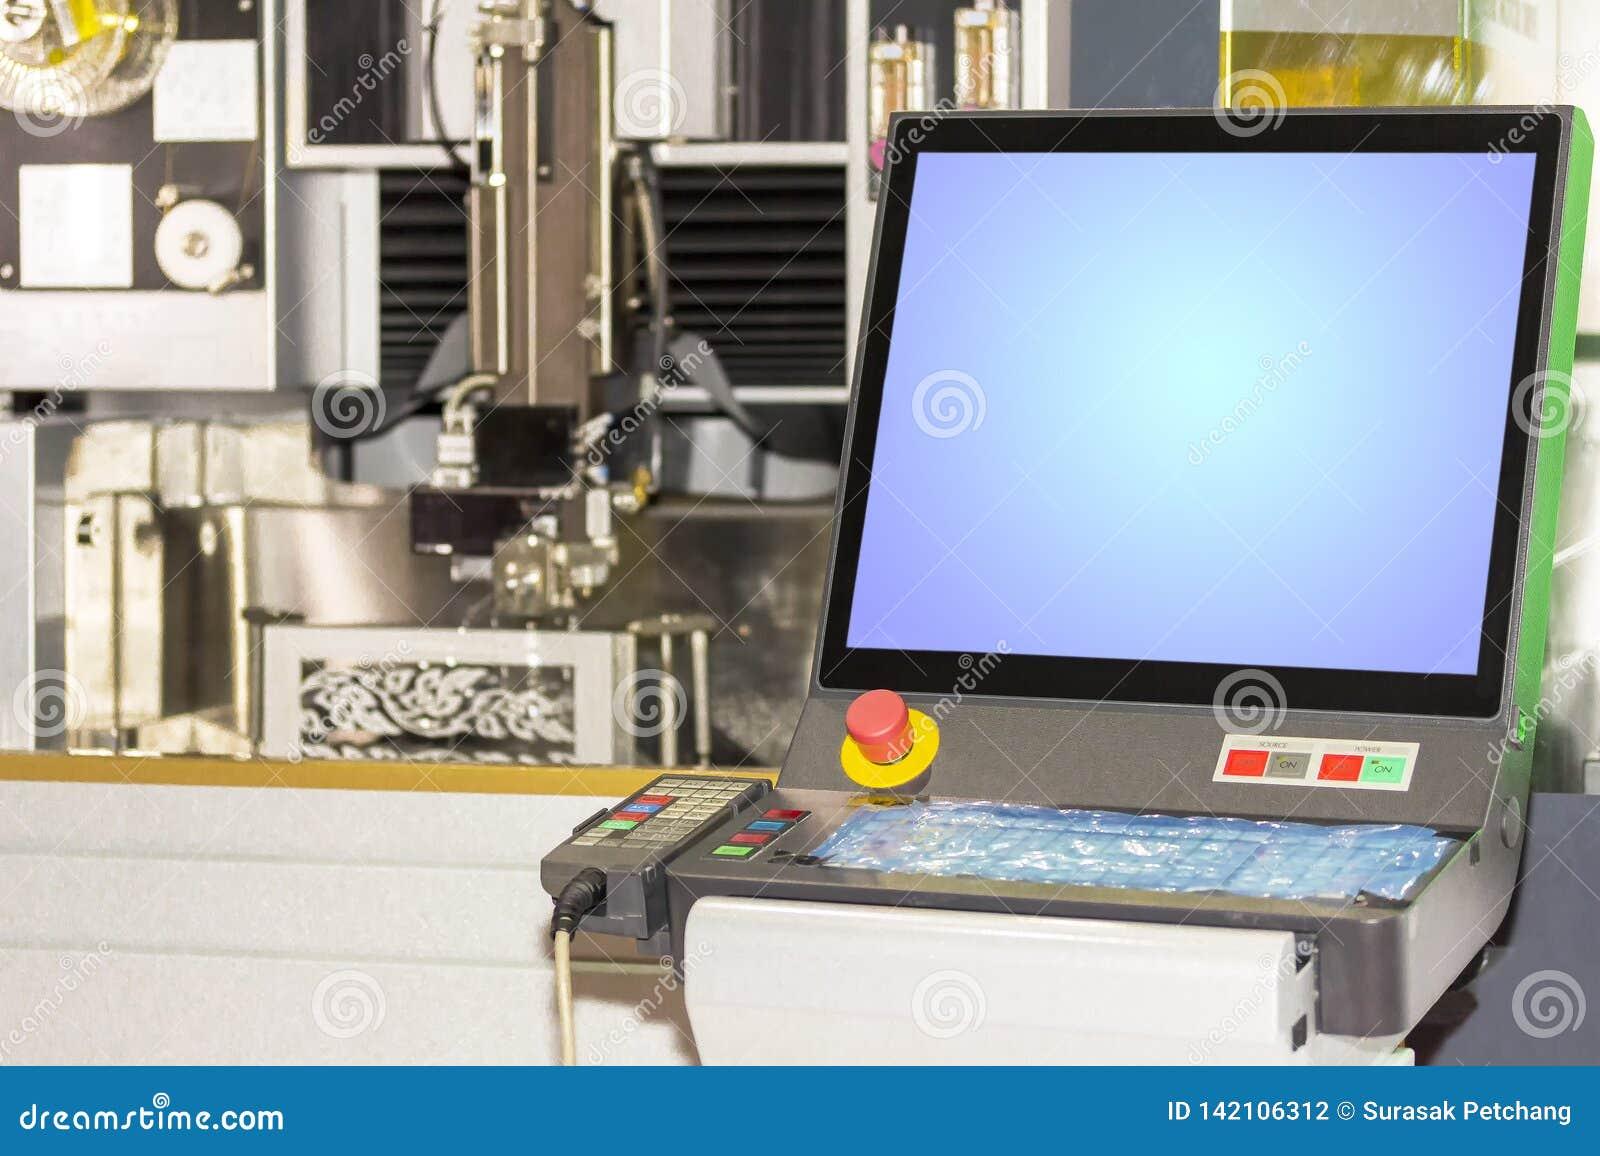 Fine sul monitor e sul pannello di controllo del taglio della muffa di precisione e di tecnologia avanzata dalla macchina del tag